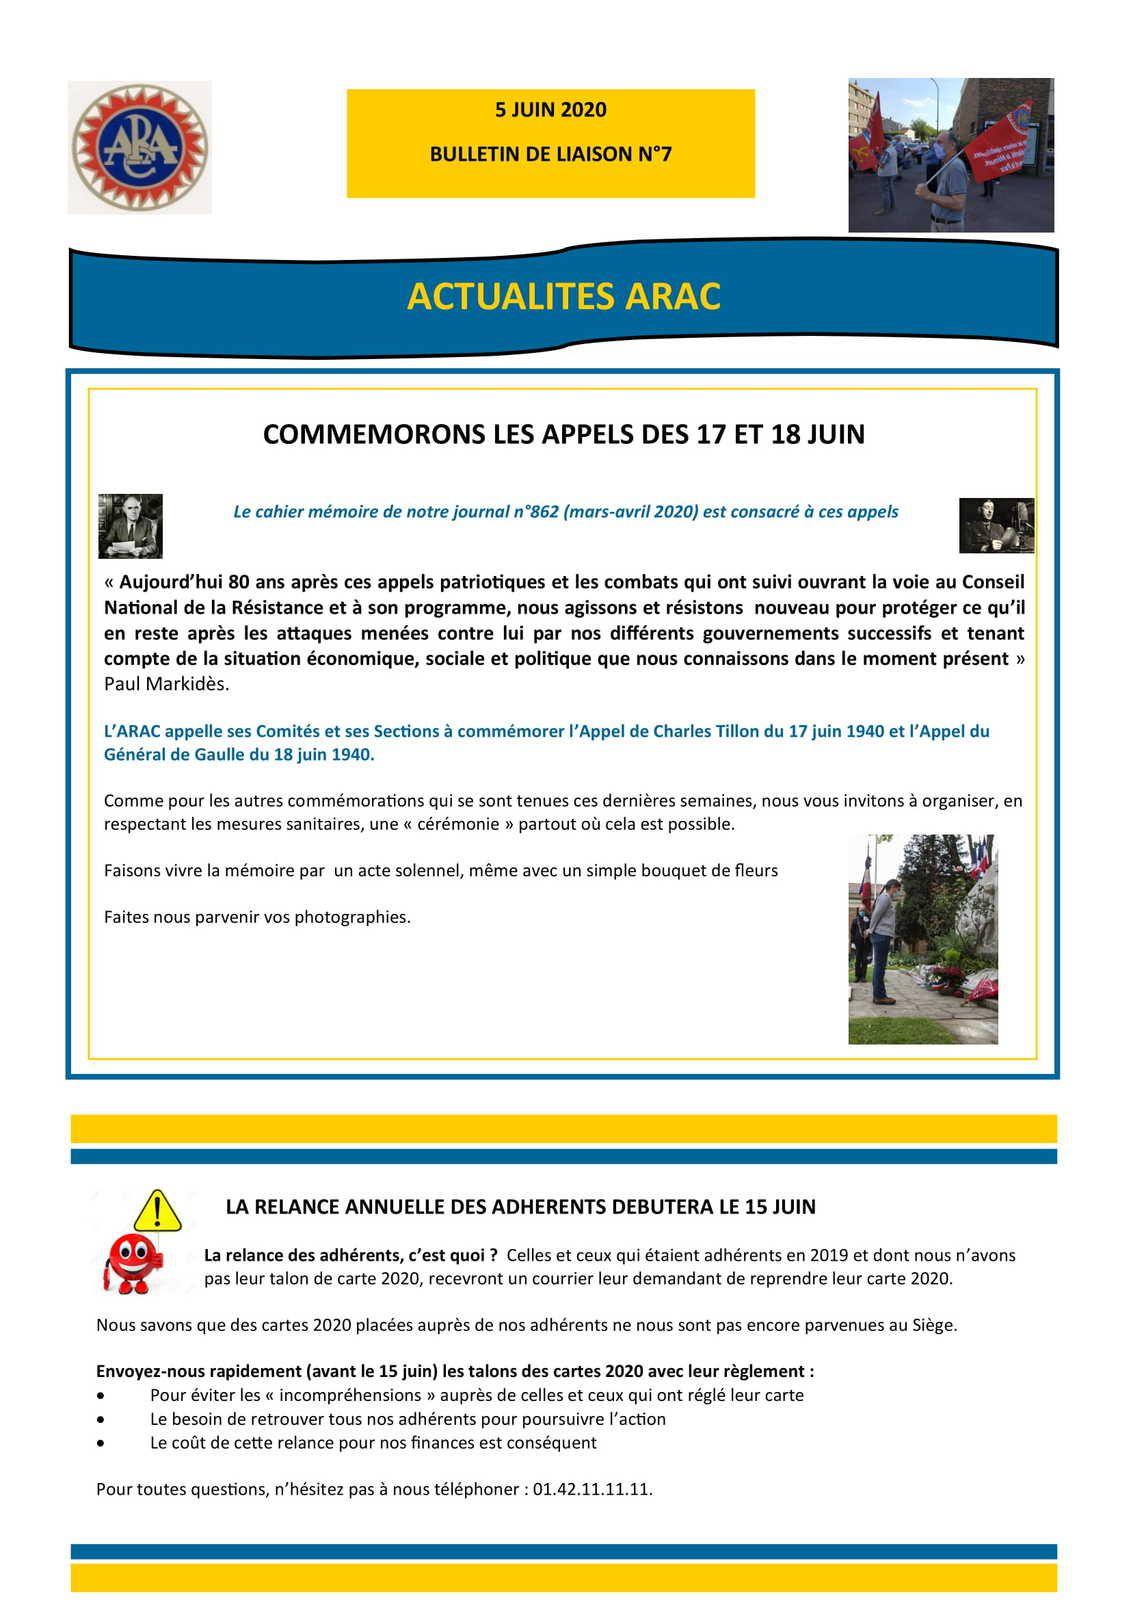 Le bulletin de liaison de l'ARAC n°7 - juin 2020